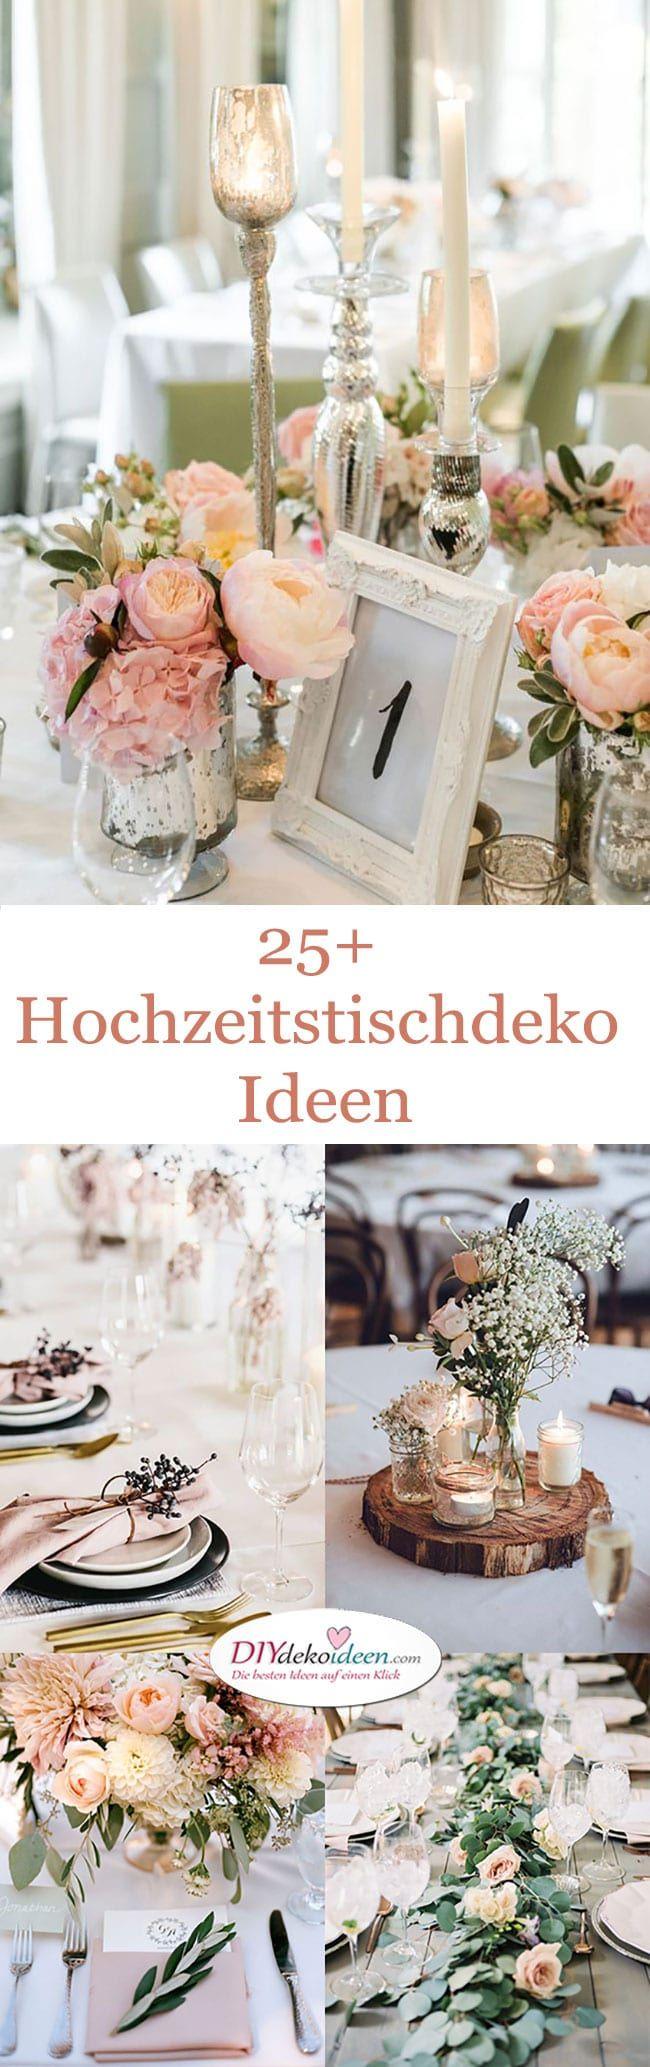 Traumhafte Hochzeitstischdeko Ideen für deine Hochzeitsplanung #decorationevent